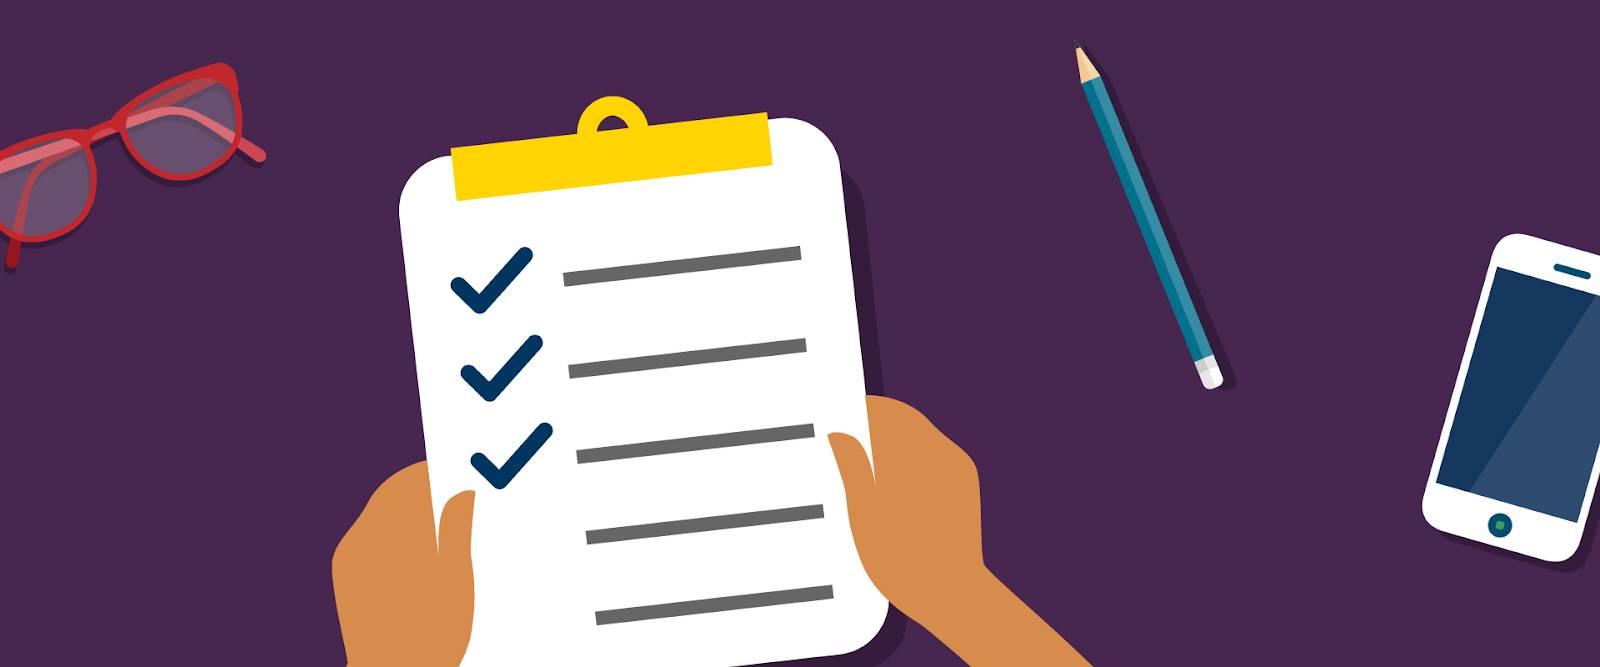 会社の目標をチェックリストで整理しているユーザ。